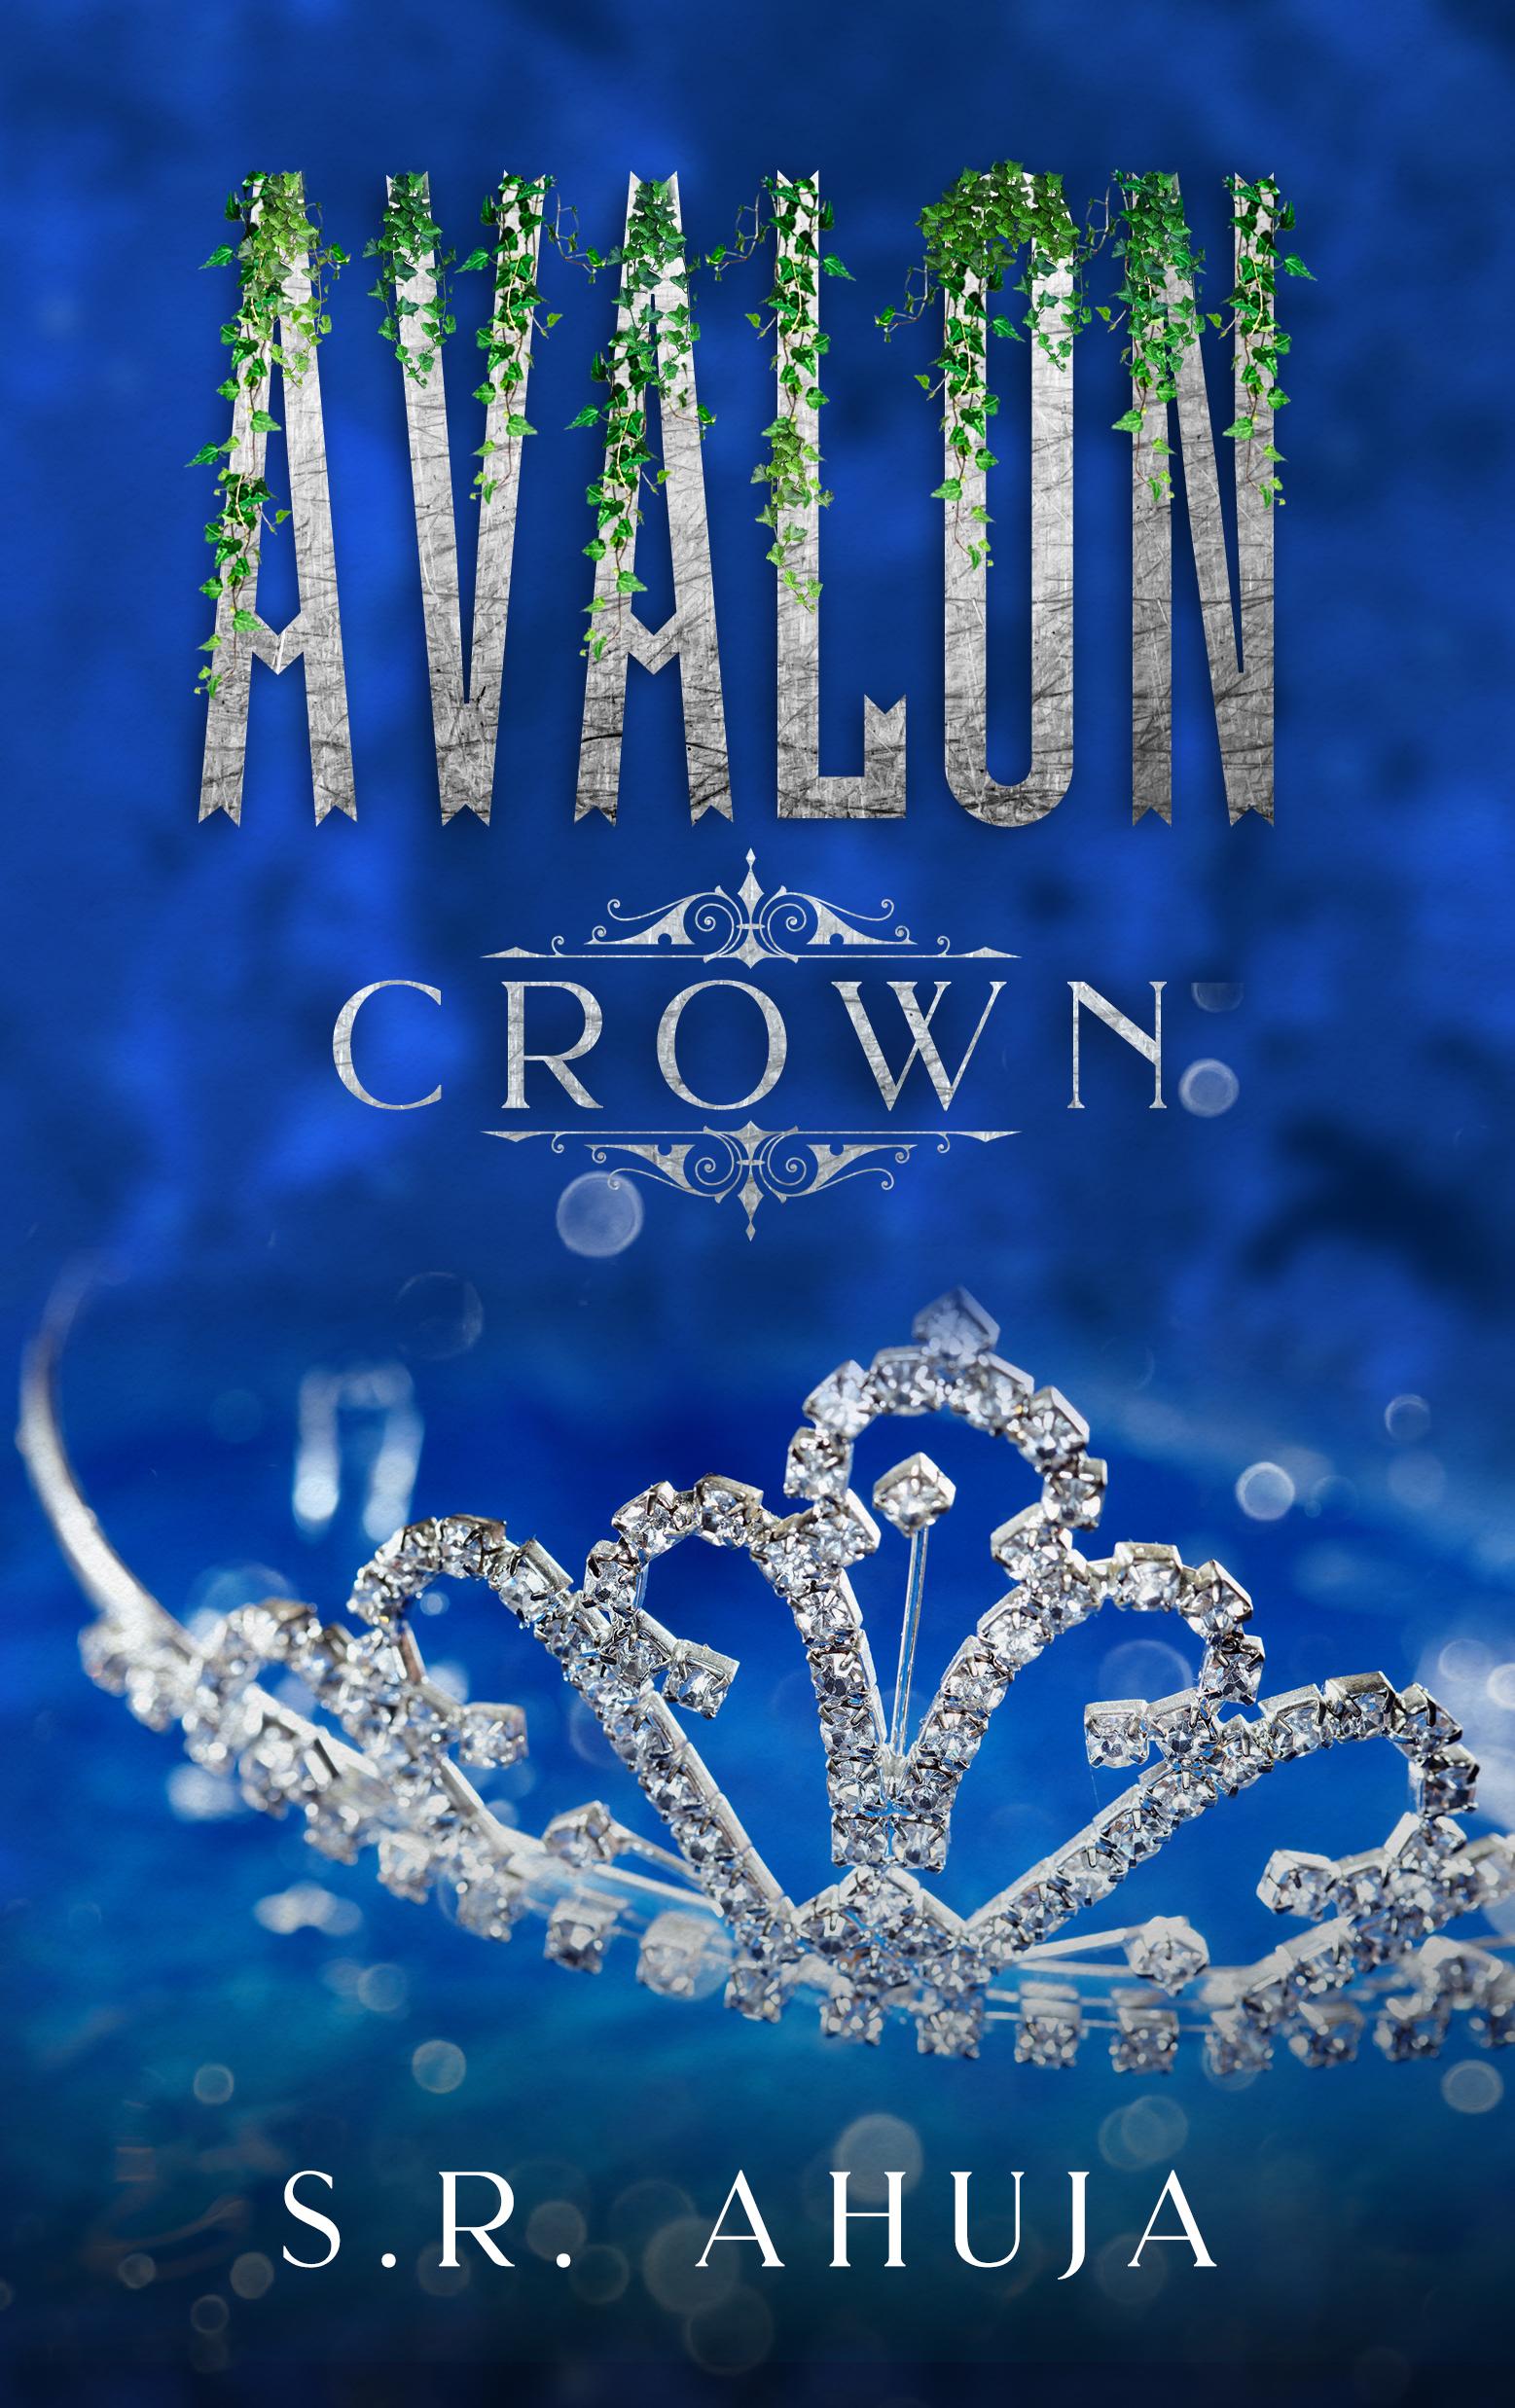 Crown Front 2018.jpg